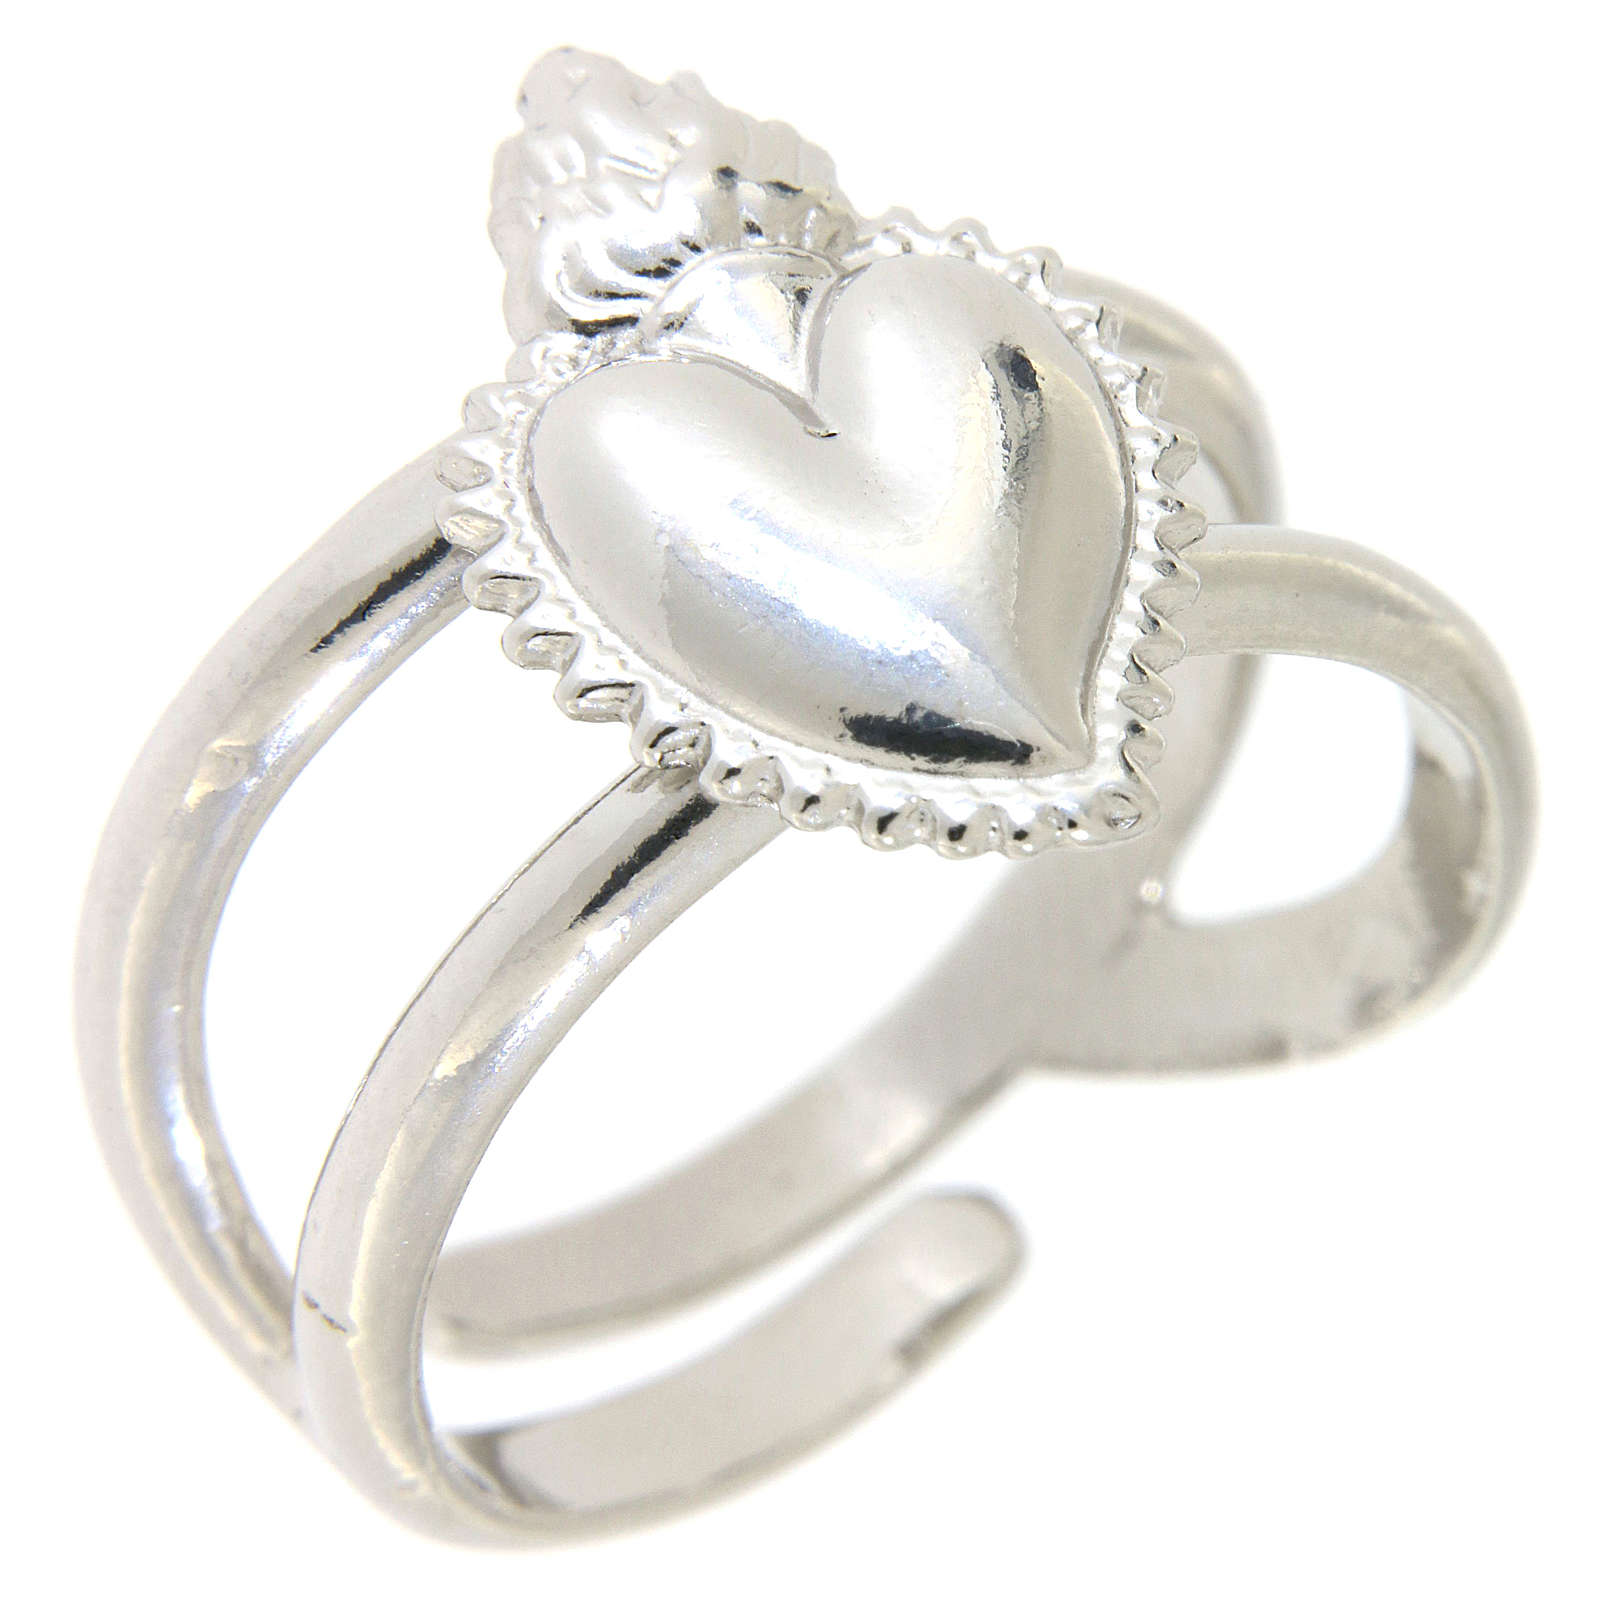 Anel regulável em prata 925 com coração ex-voto cheio 3